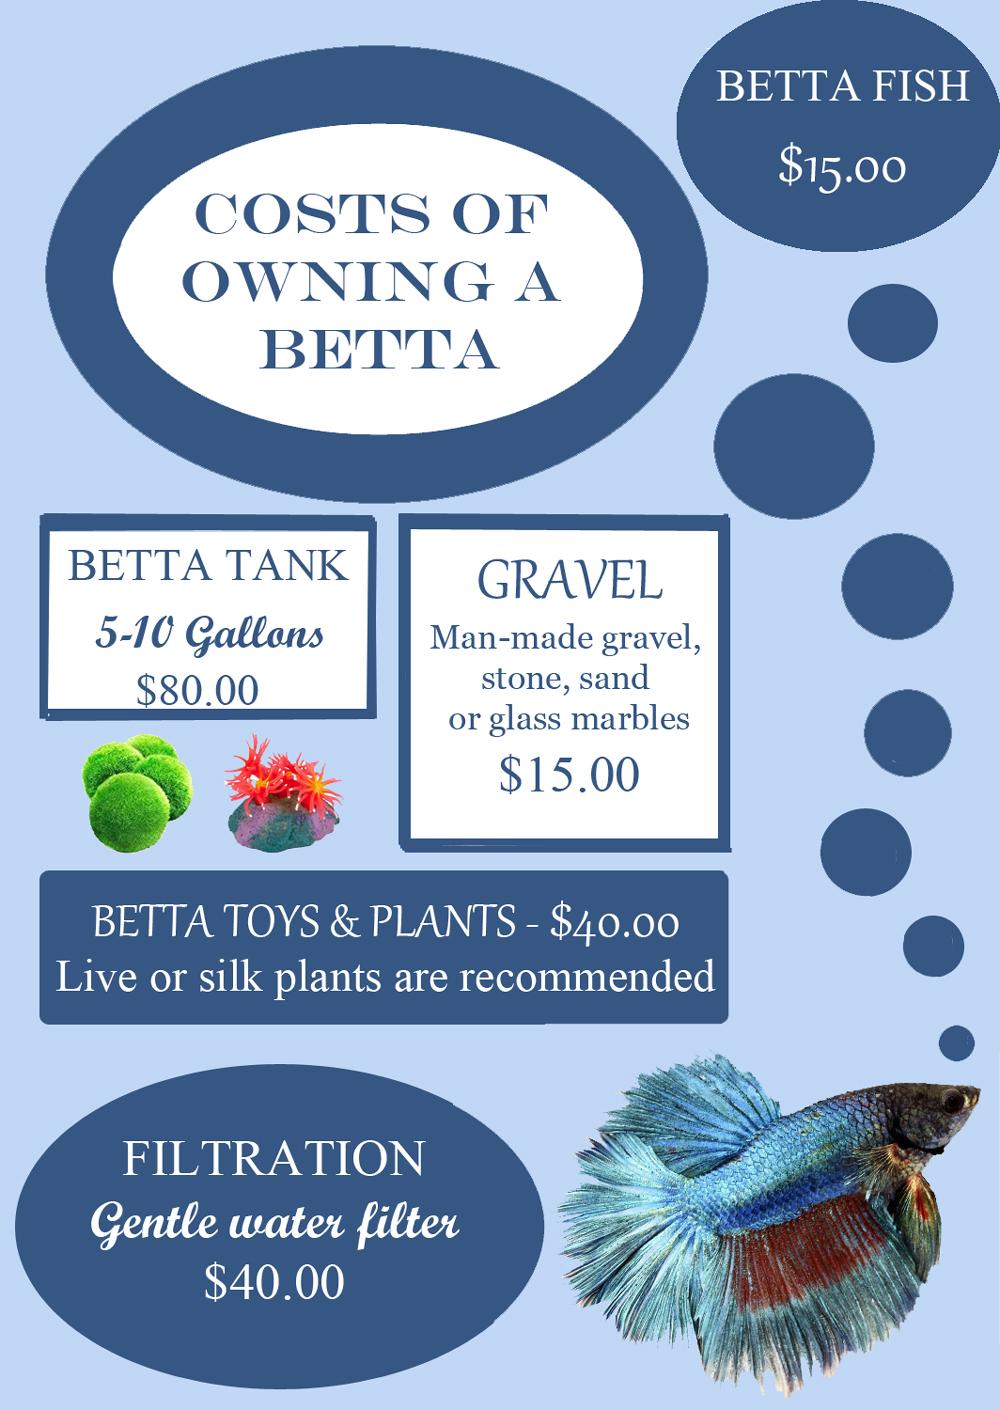 betta-fish-cost